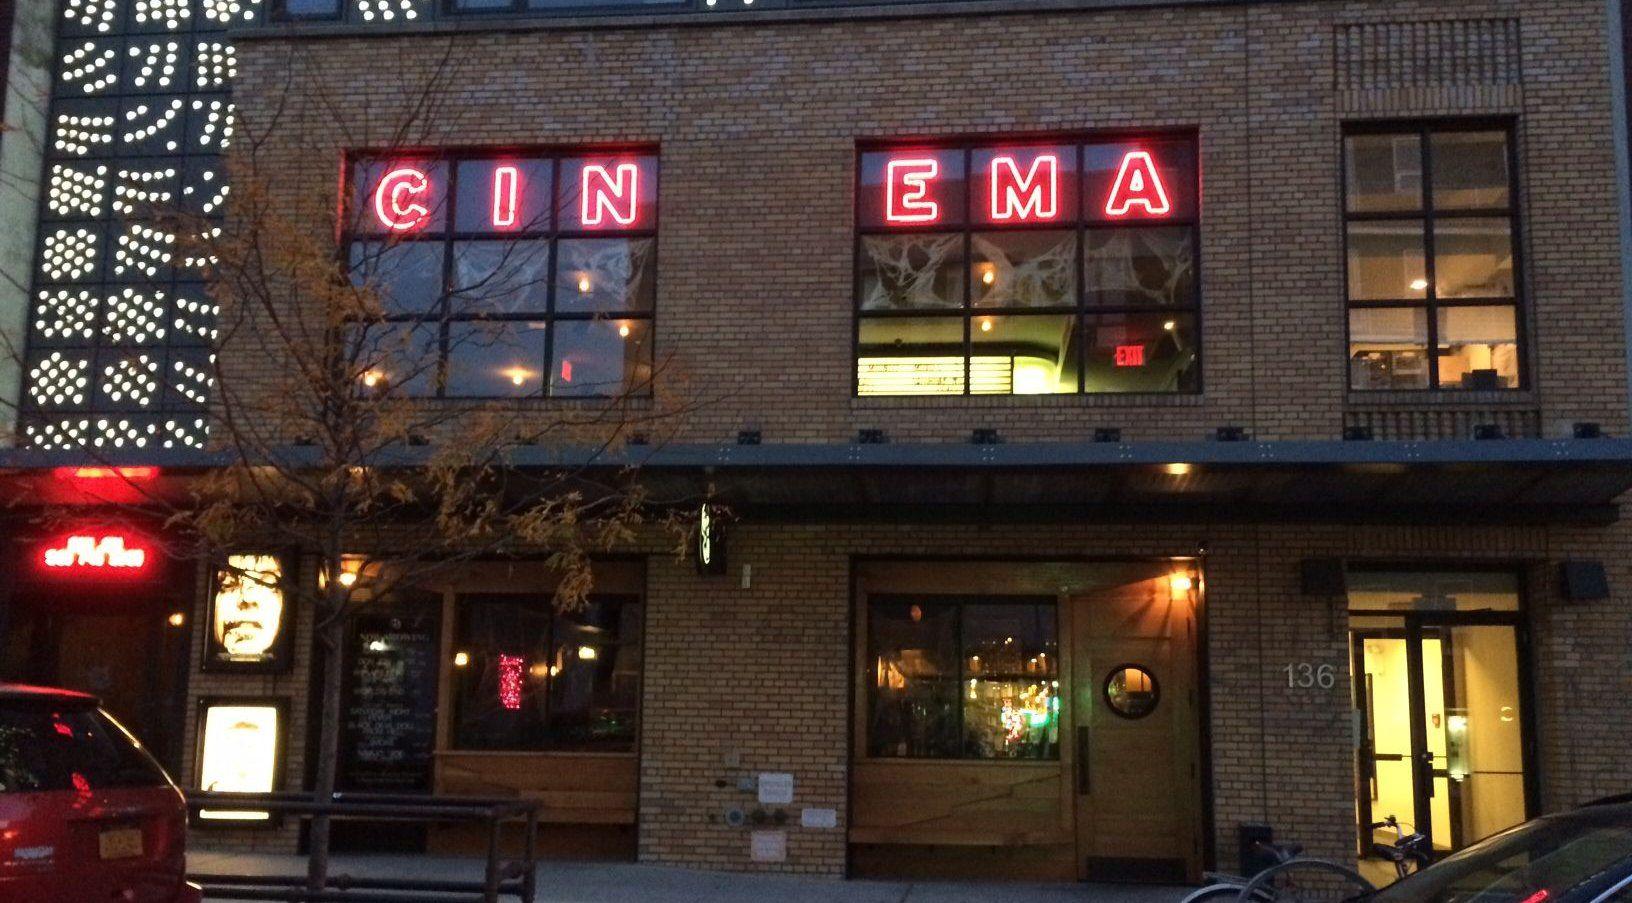 今月の劇場は、たたずまいが素敵な米ニューヨーク・ブルックリンのナイトホーク・シネマ! 夜はビルの照明でゴージャスに変身。